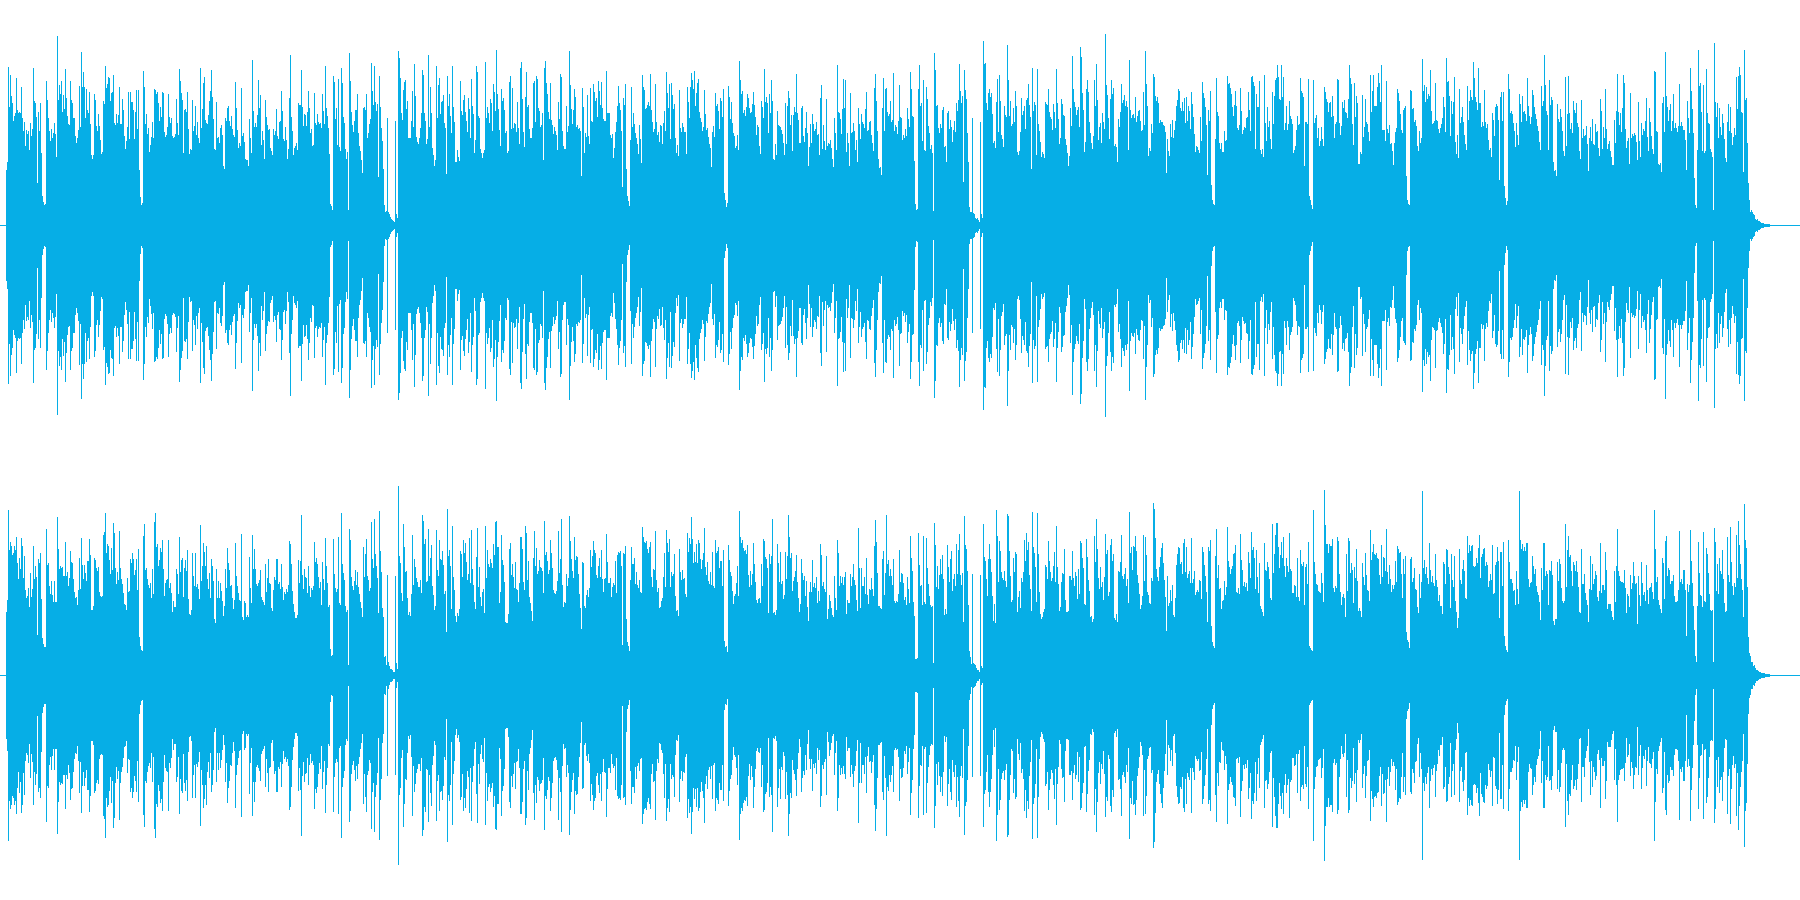 しっとり落ち着きのあるスローテンポの曲の再生済みの波形